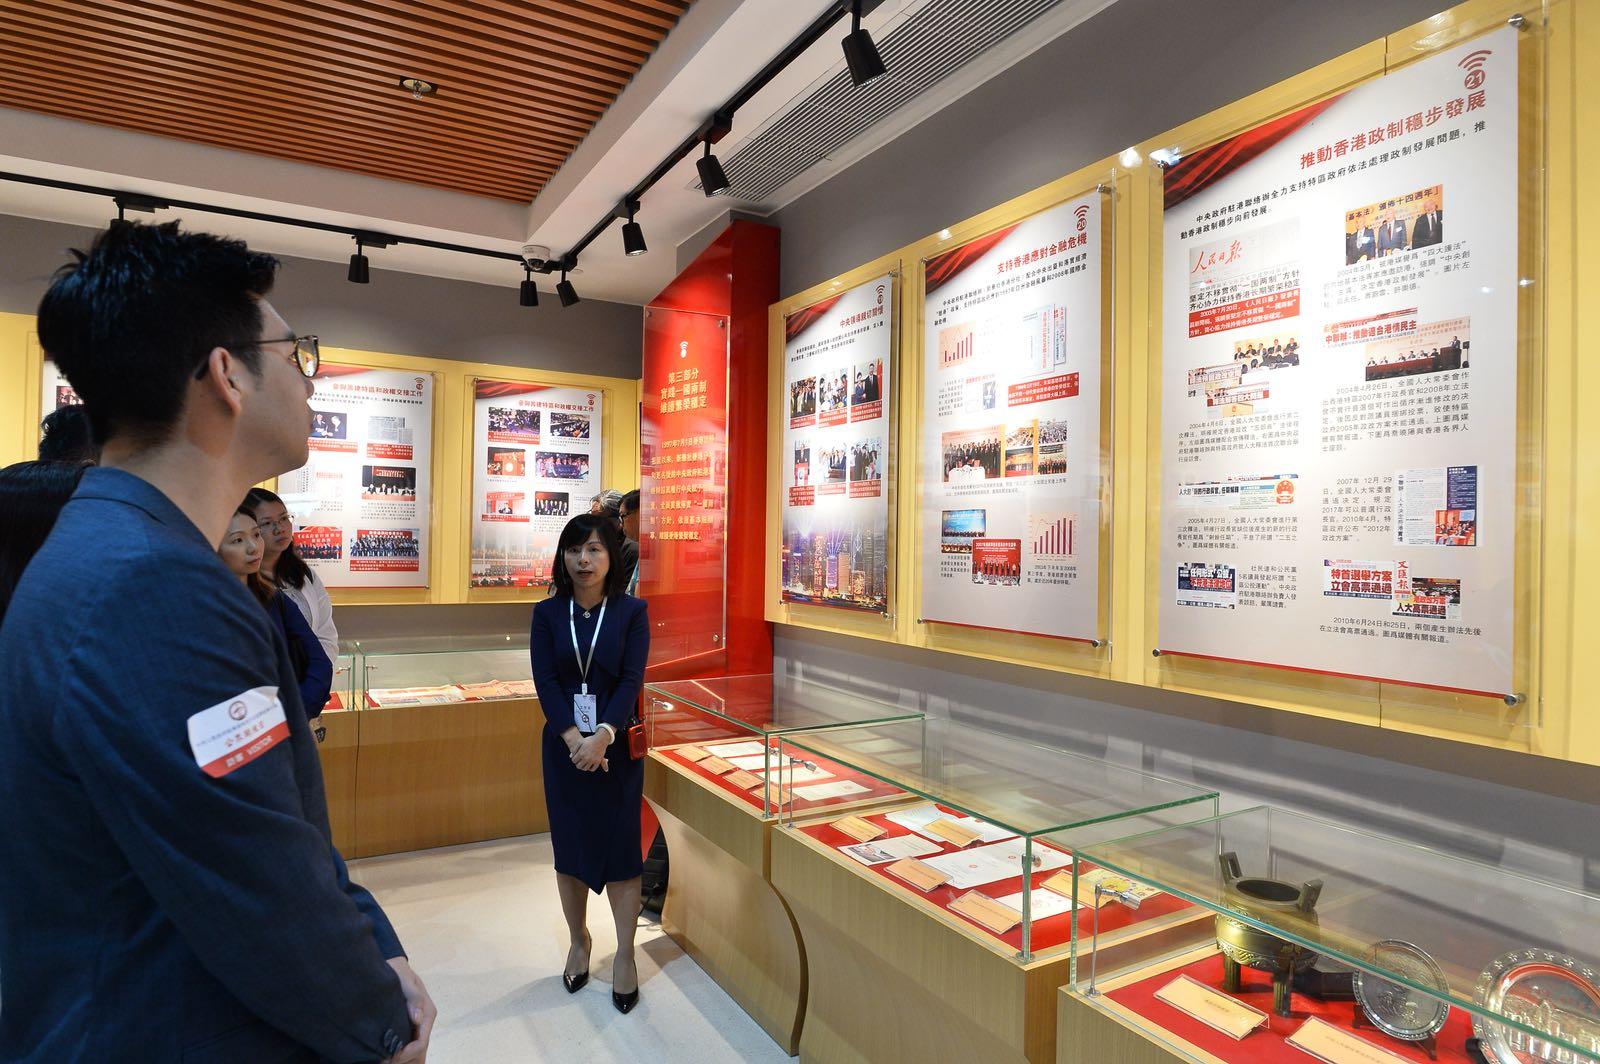 展板亦有介紹中國和香港一直以來密不可分的關係。